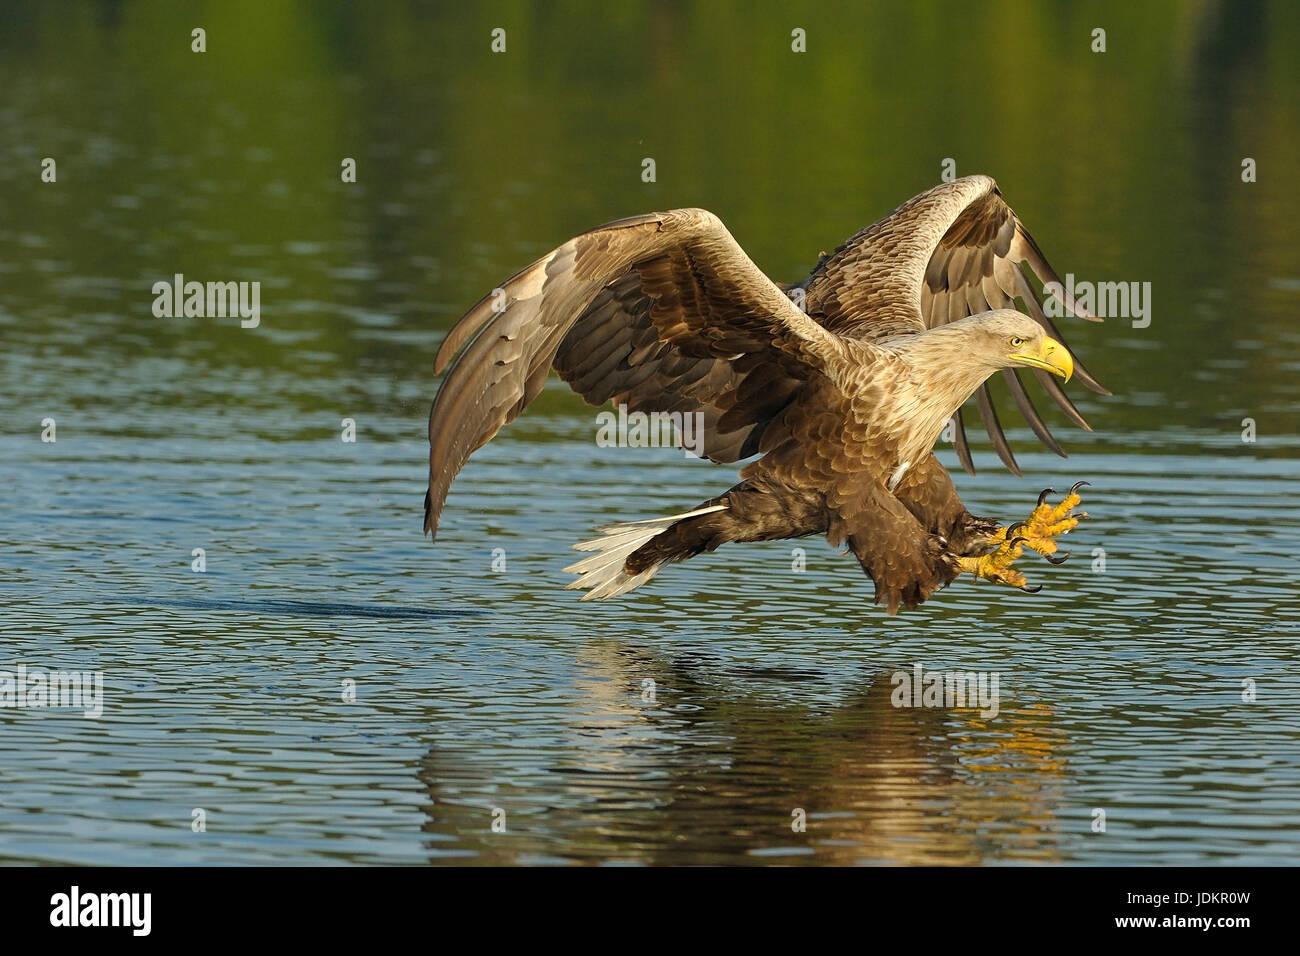 Seeadler auf der Jagd, Haliaeetus albicilla - Stock Image